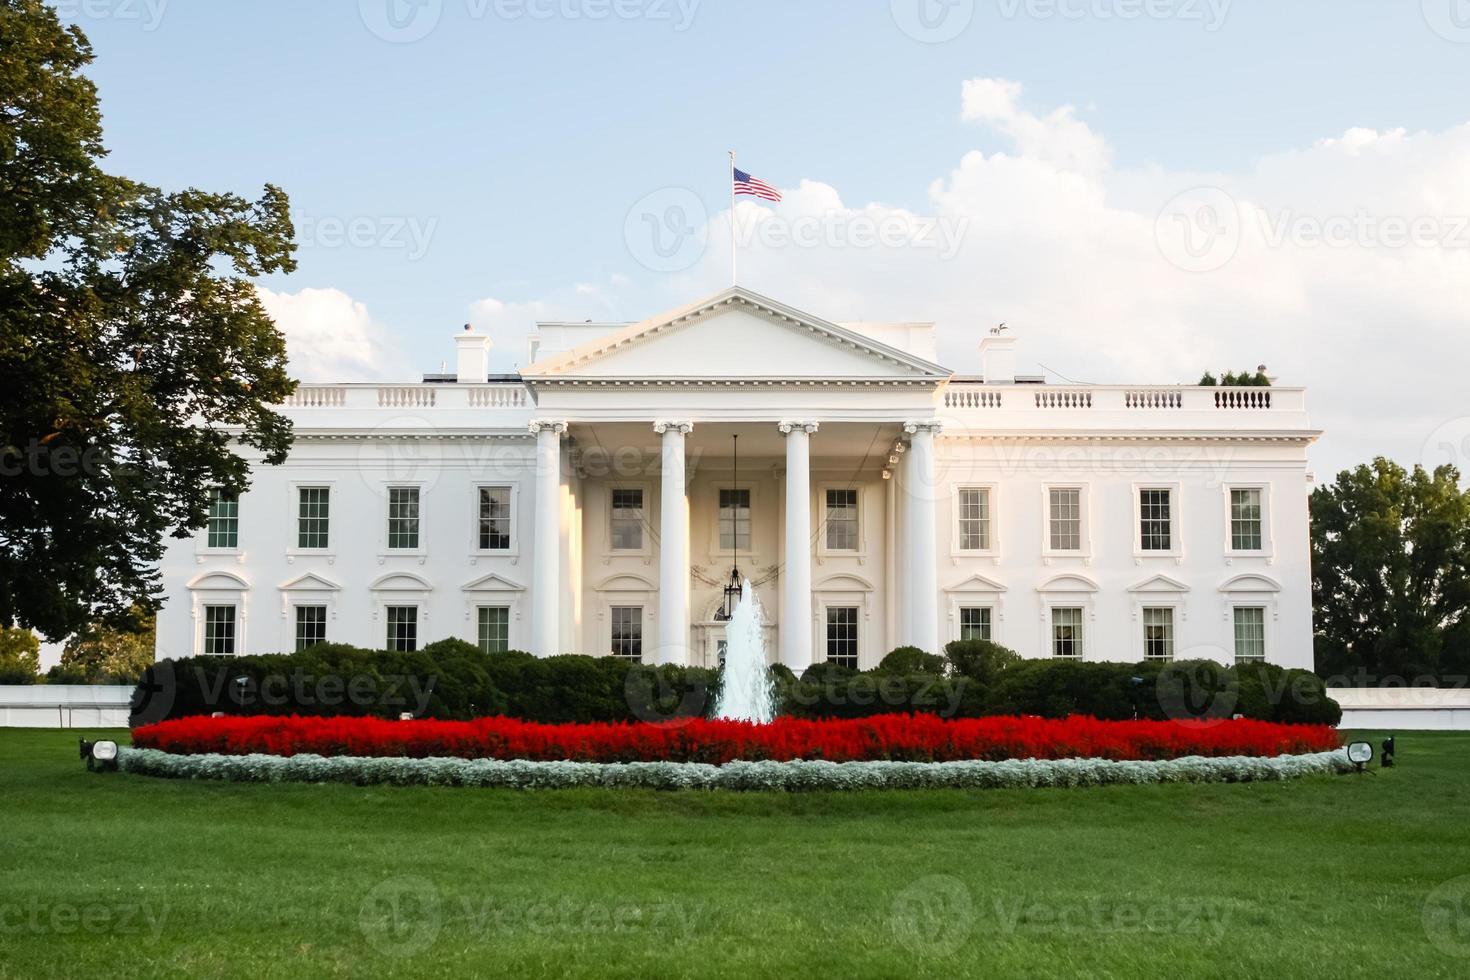 White House in Washington, D.C. photo